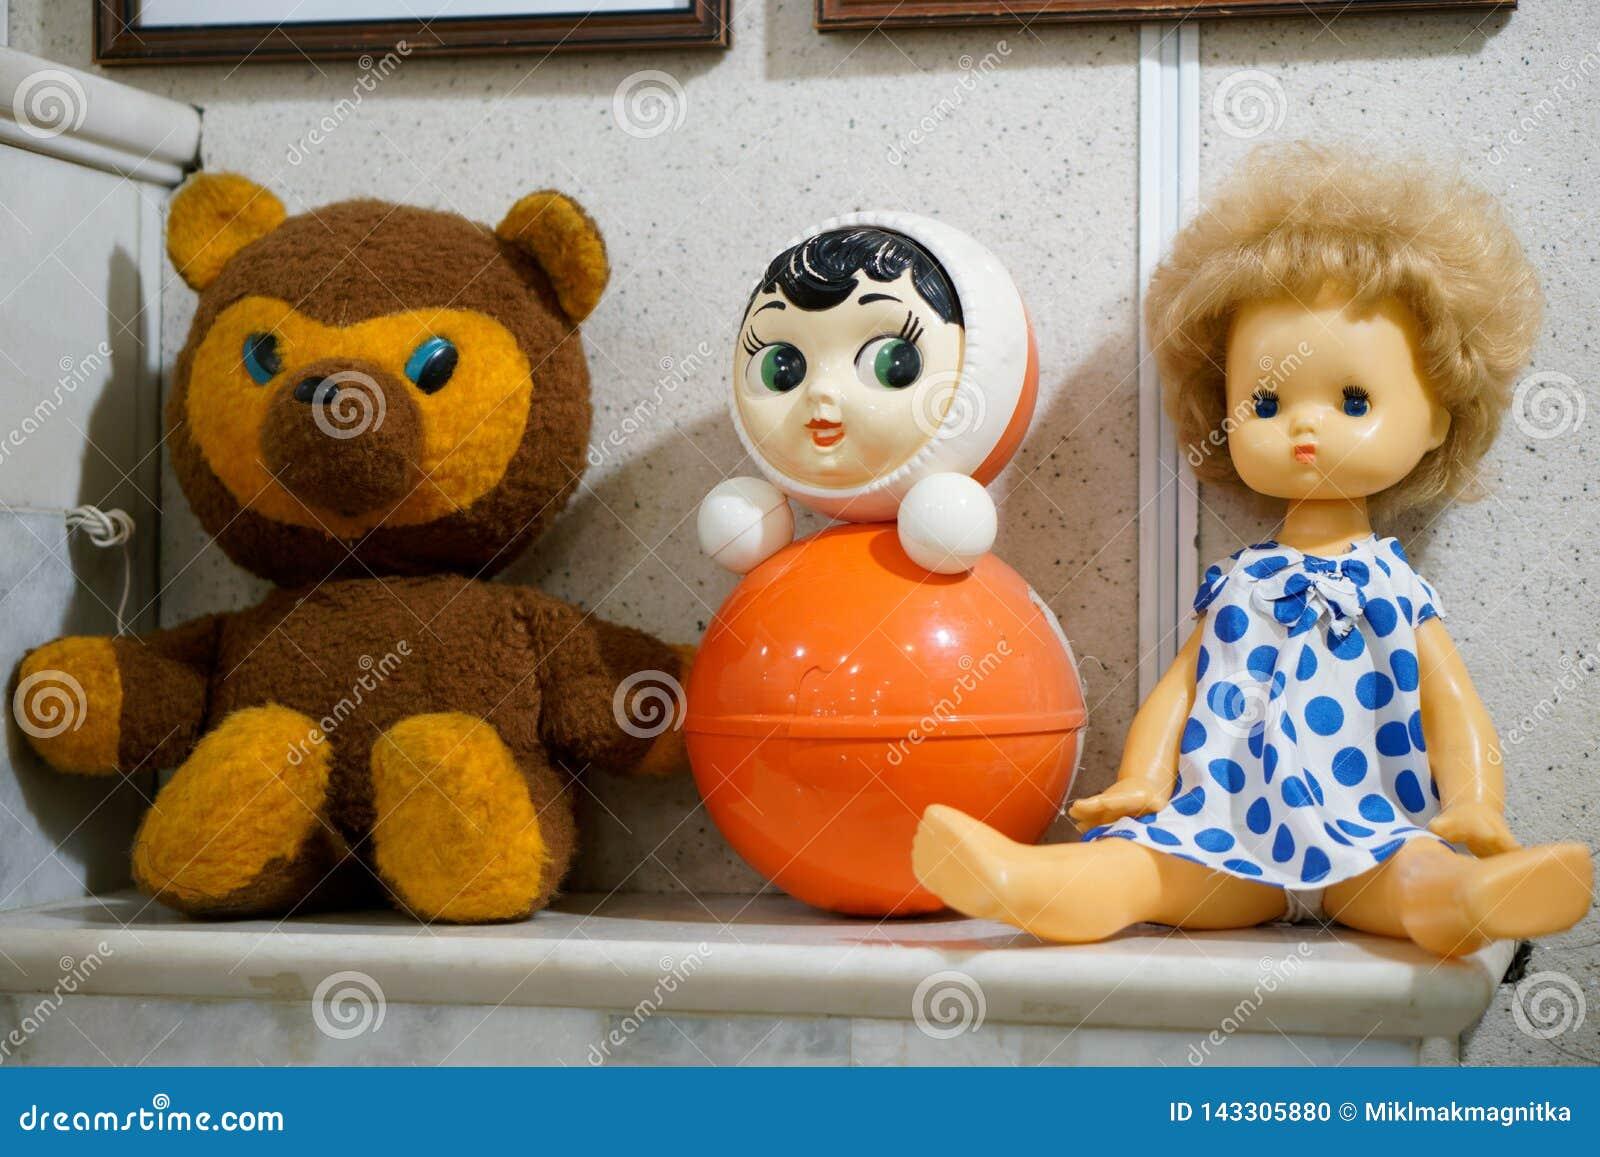 Die Spielwaren der alte Weinlesekinder - eine Puppe, ein Bär und eine Trommel auf einer Kamineinfassung